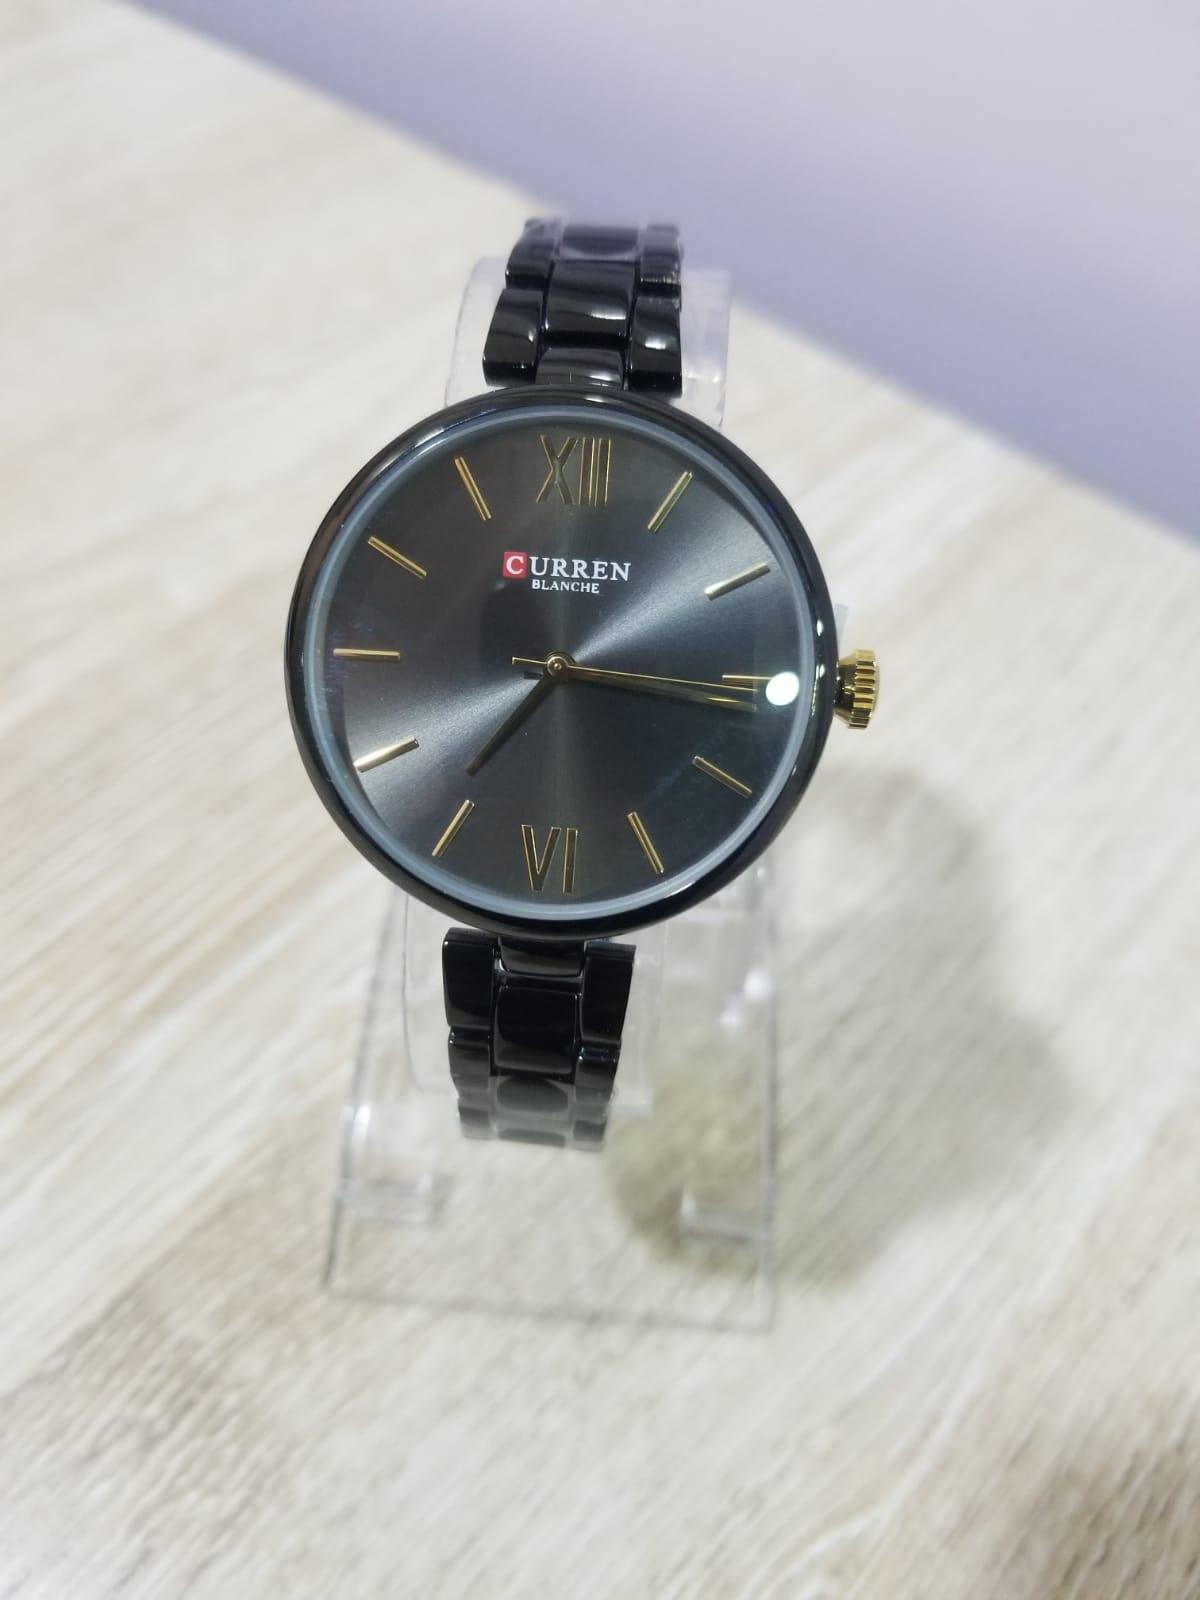 Curren Stainless steel watch